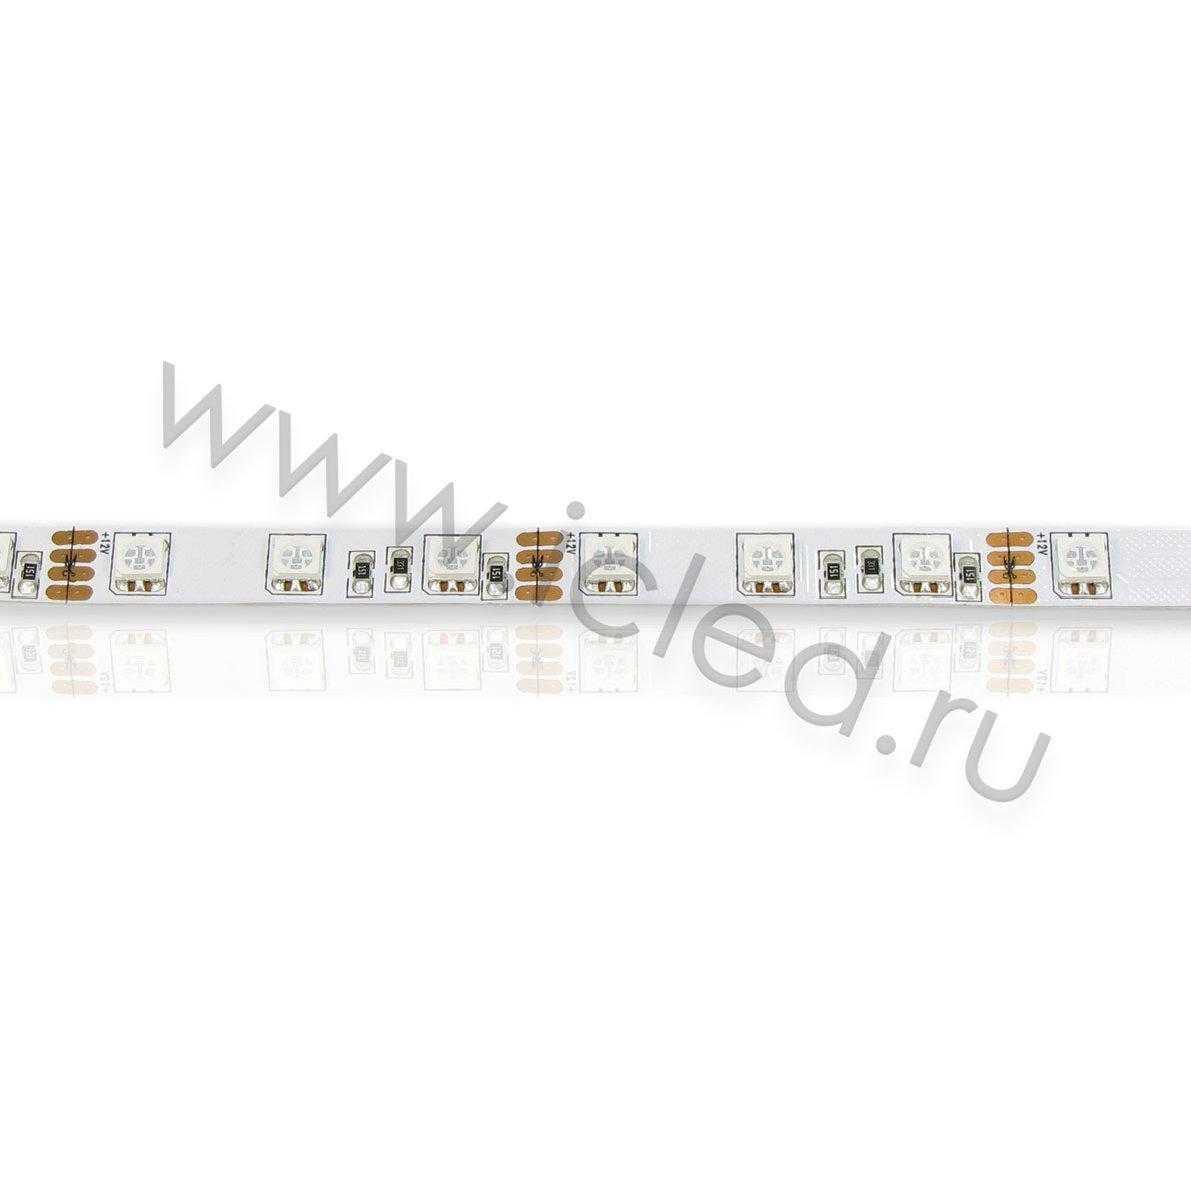 Светодиодная лента Class B, 5050, 60 led/m, RGB, 12V, IP33.